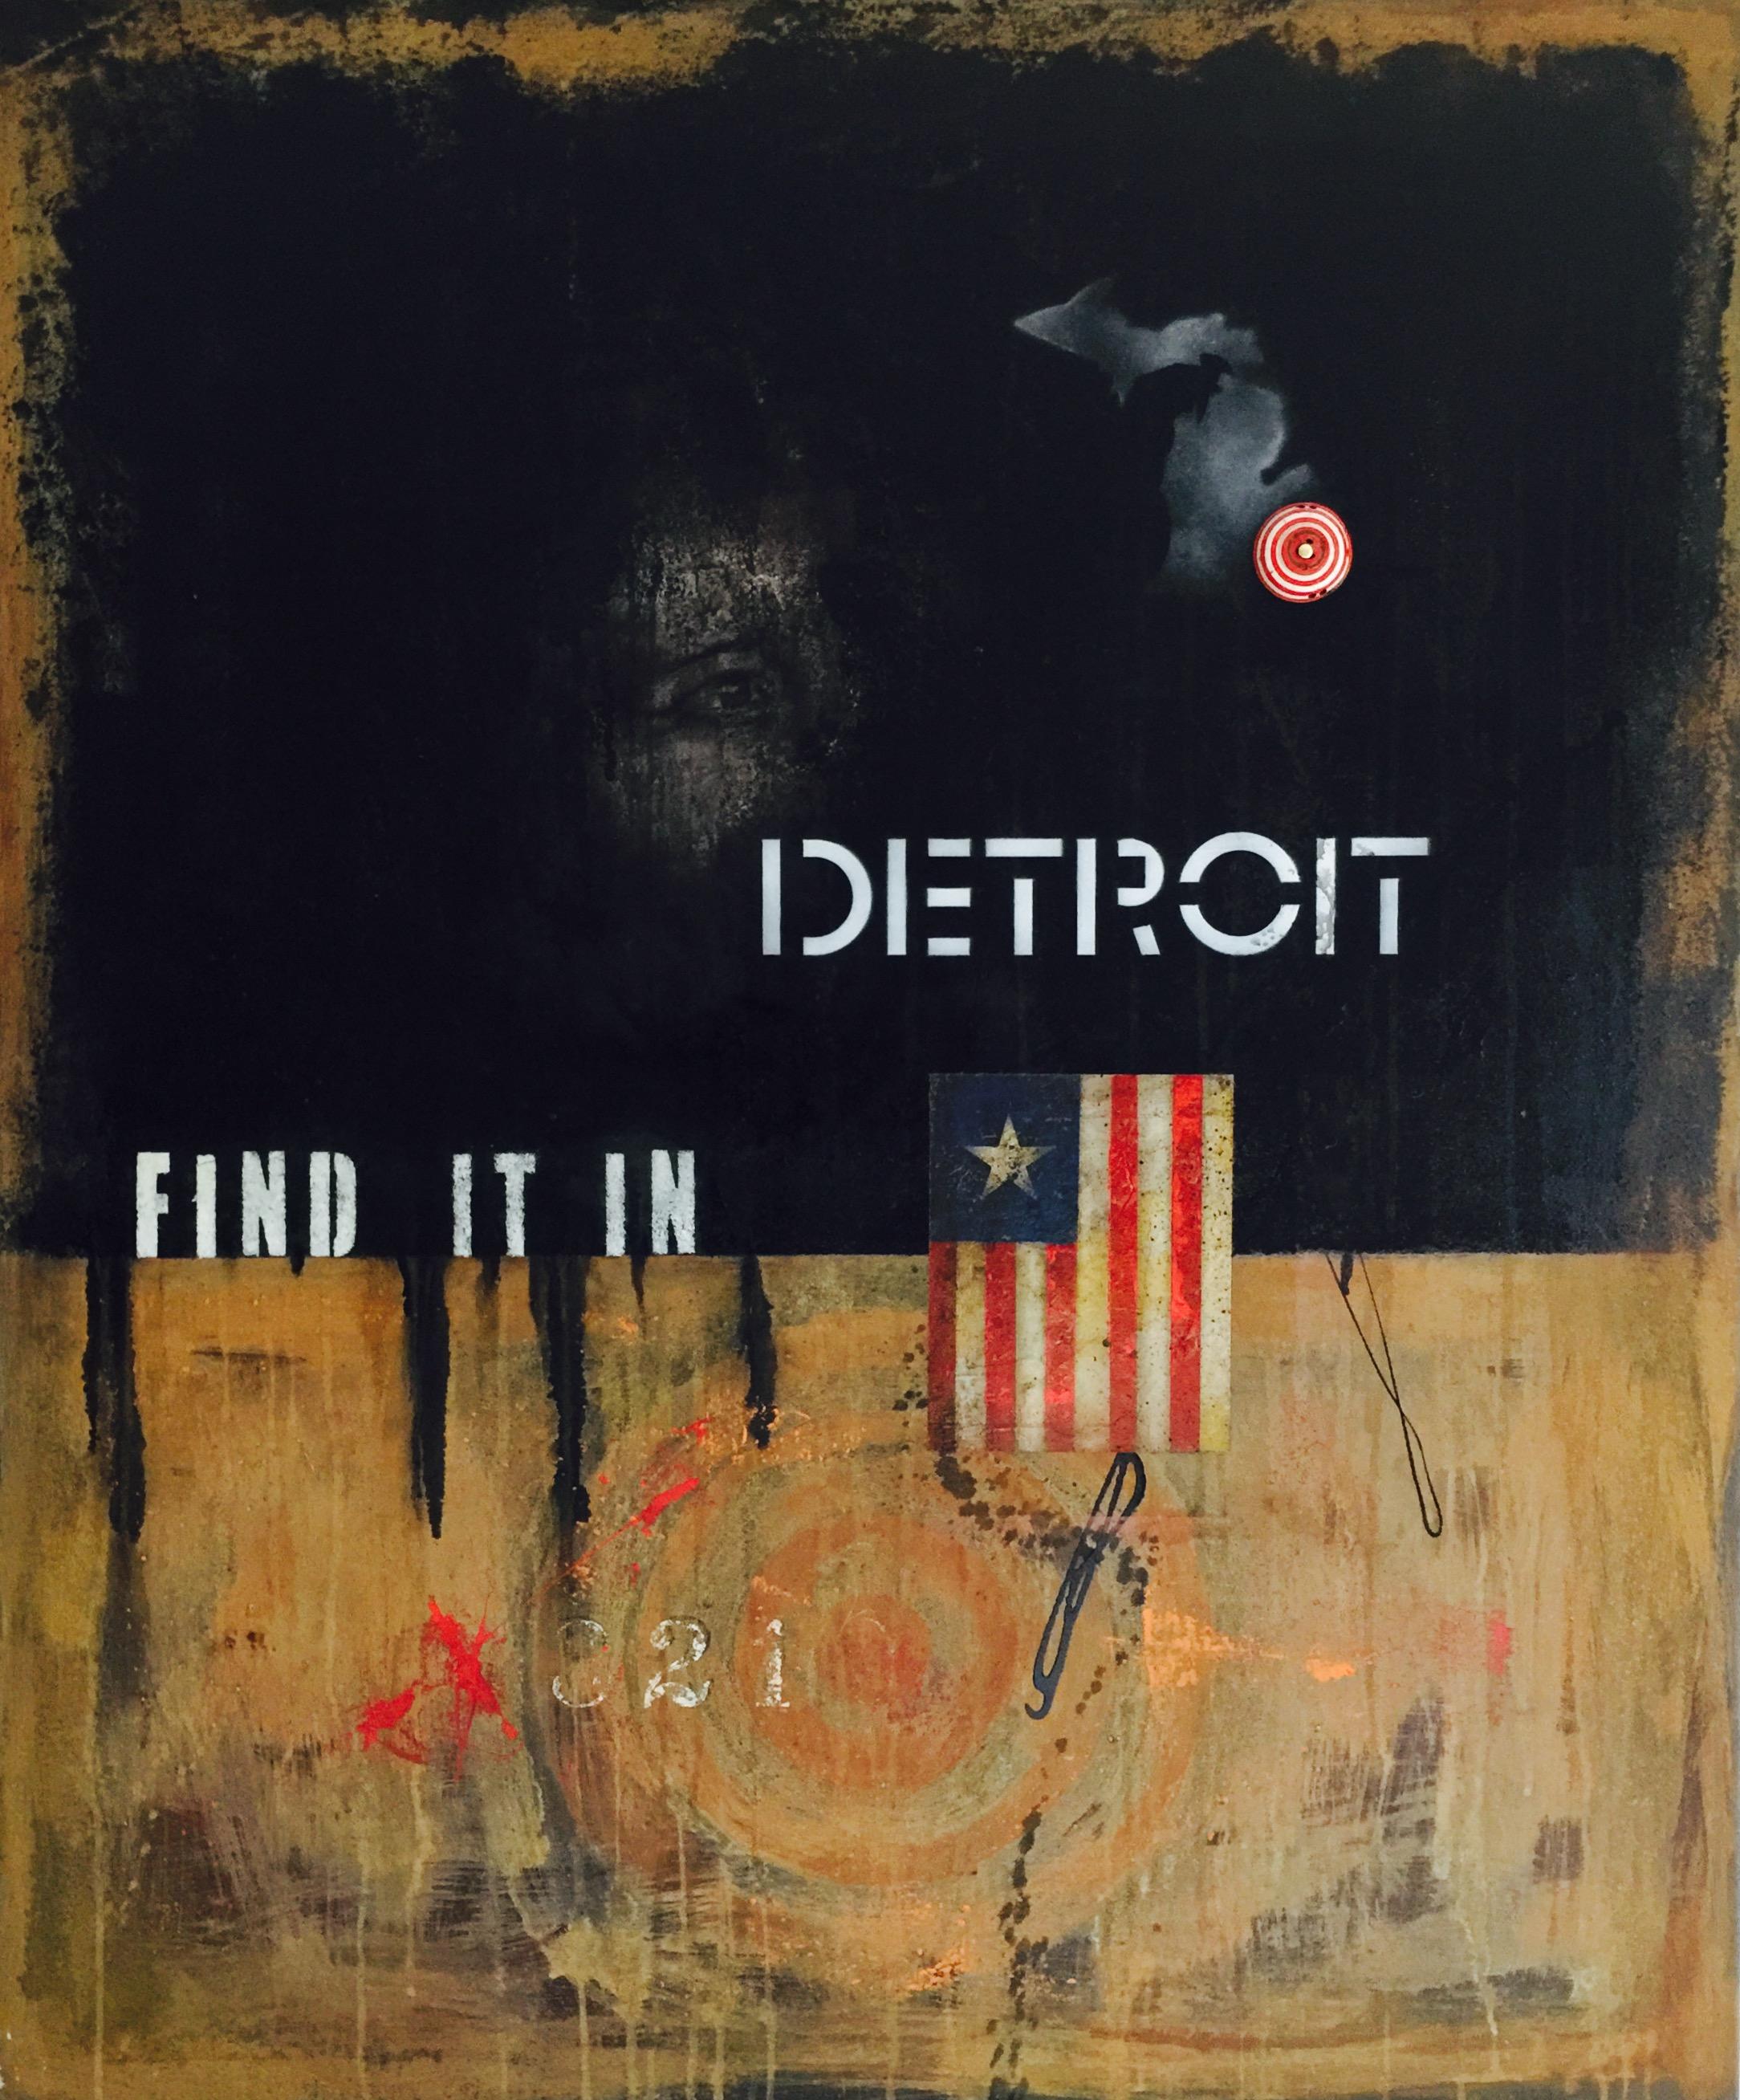 Find it in Detroit